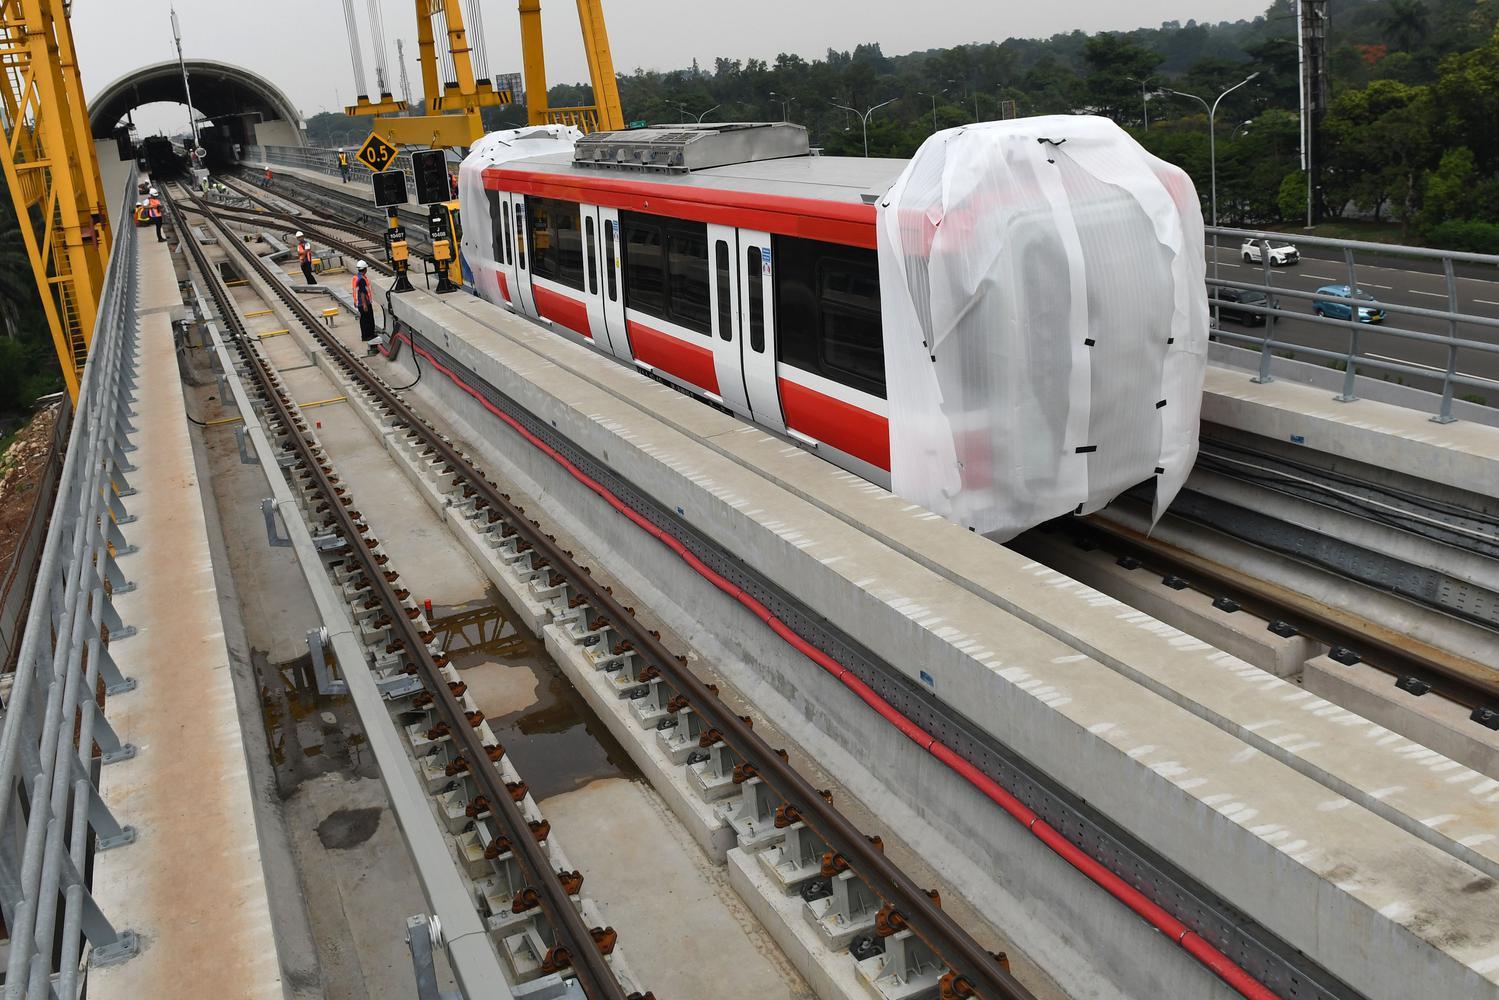 Saat ini sebanyak dua dari total 31 rangkaian kereta ('train set') LRT buatan PT INKA telah diangkat di atas rel Stasiun Harjamukti dan ditargetkan selesai seluruhnya pada 2020.